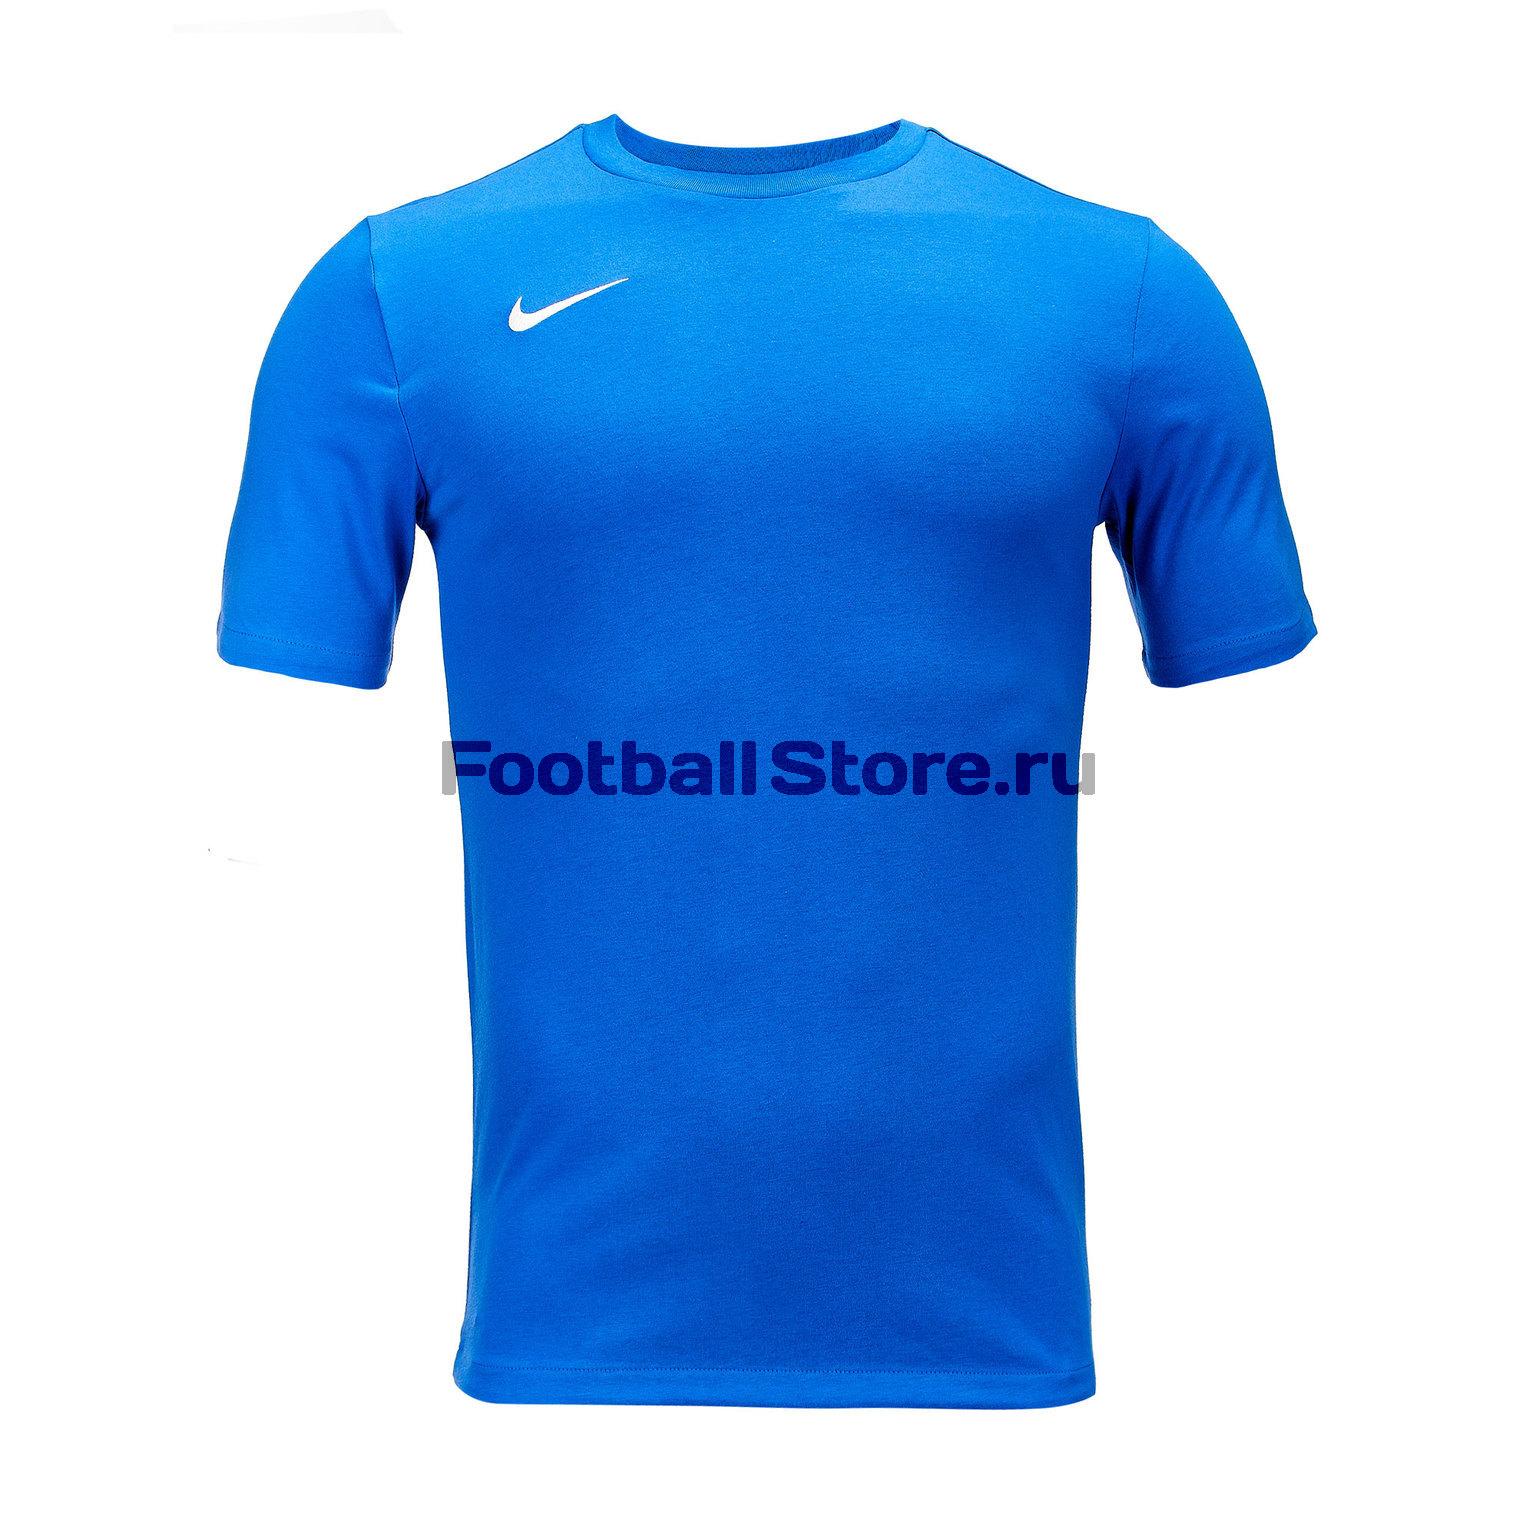 Футболка хлопковая Nike Tee Club19 SS AJ1504-463 цена